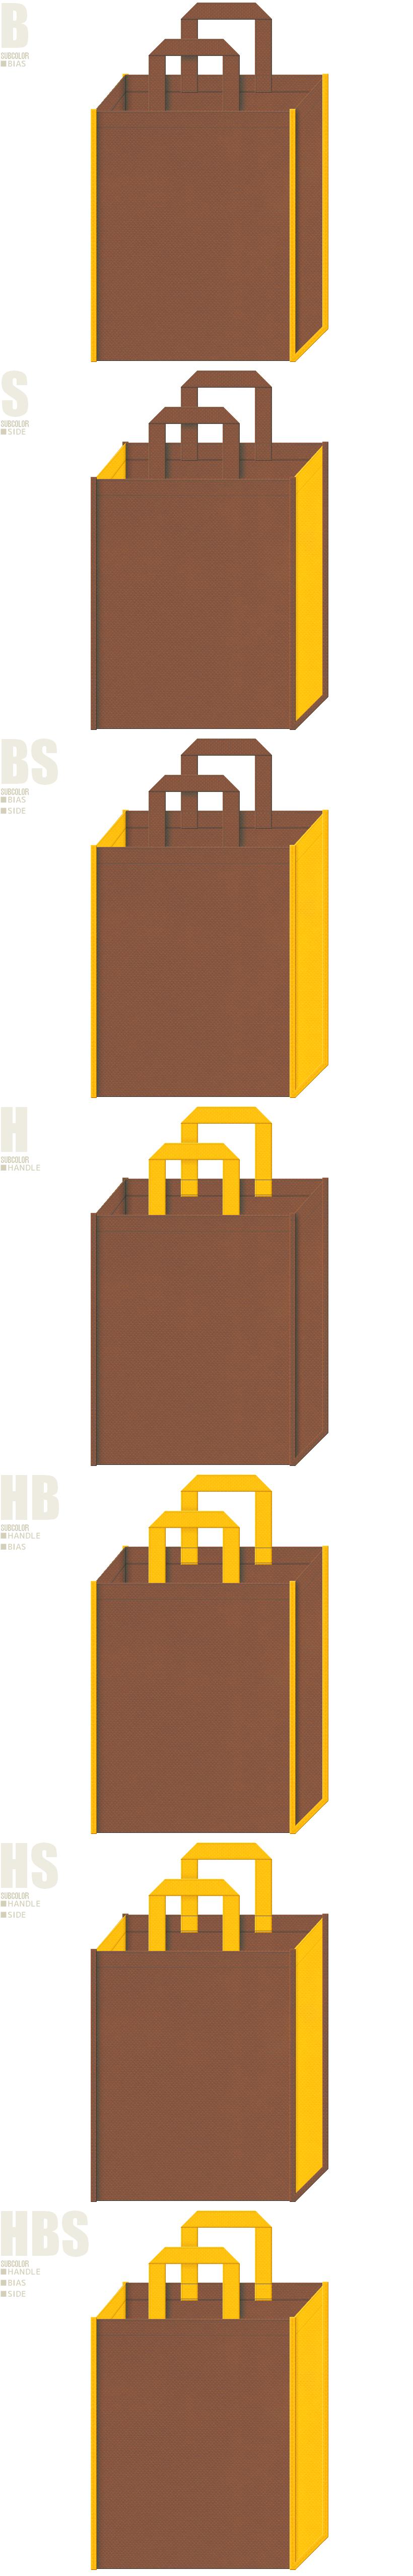 養蜂場・はちみつ・いちょうの木・サラダ油・フライヤー・バーベキュー・キャンプ用品・キッチン用品・和菓子・焼きいも・スイートポテト・ロールケーキ・カステラ・マロンケーキ・スイーツ・ベーカリー・食品の展示会・販促イベントにお奨めの不織布バッグデザイン:茶色と黄色の配色7パターン